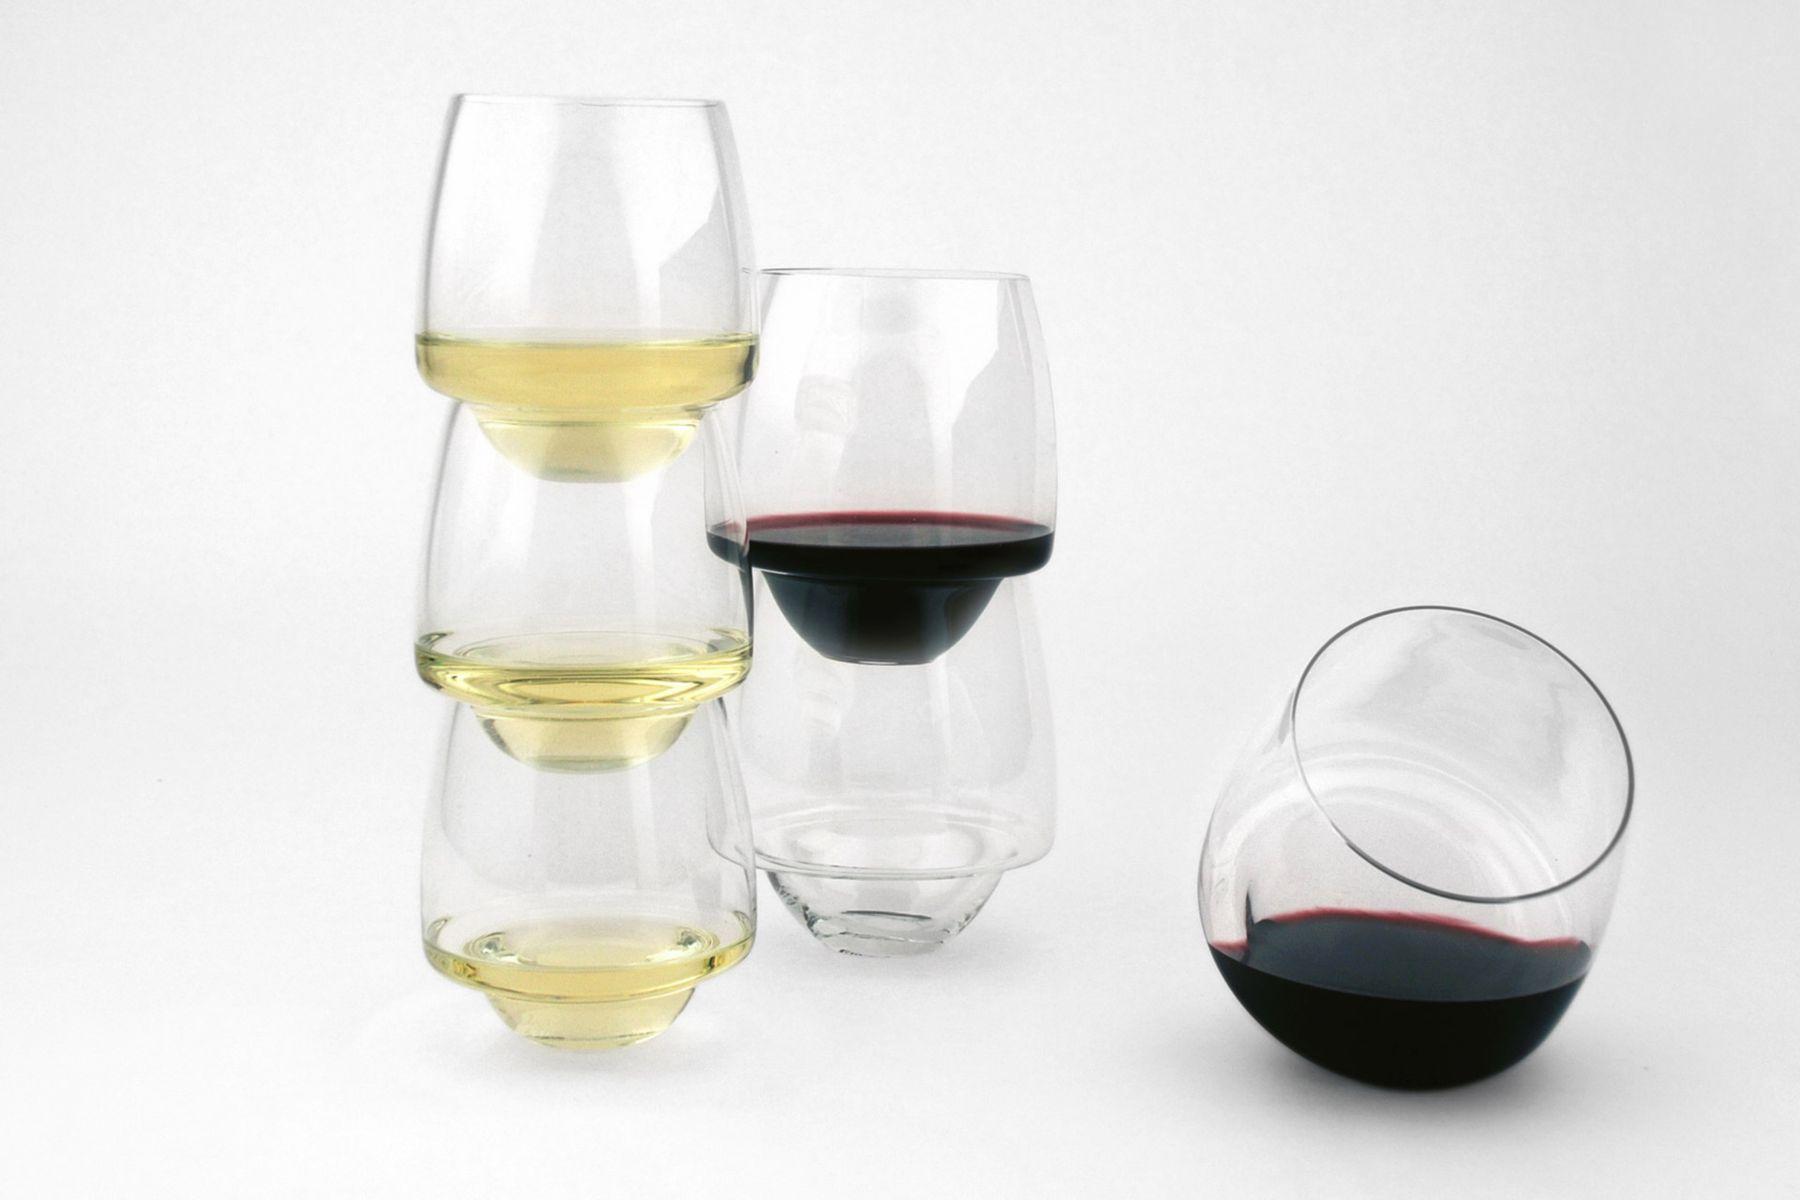 Set of 4 saturn wine glasses by superduperstudio for sale for Super u champagne